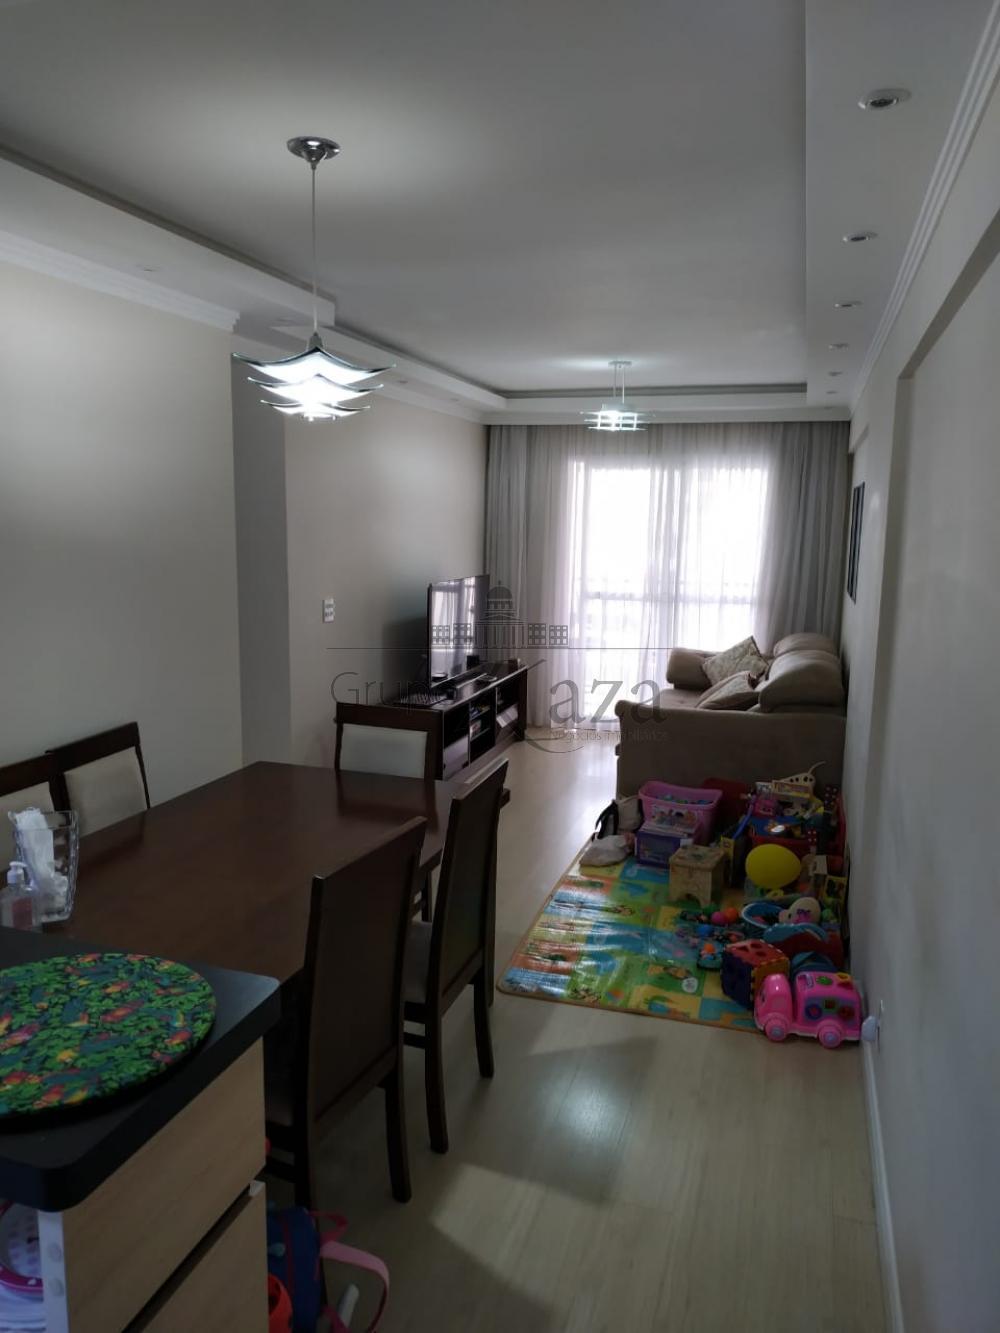 Sao Jose dos Campos Apartamento Venda R$550.000,00 Condominio R$350,00 3 Dormitorios 1 Suite Area construida 76.00m2